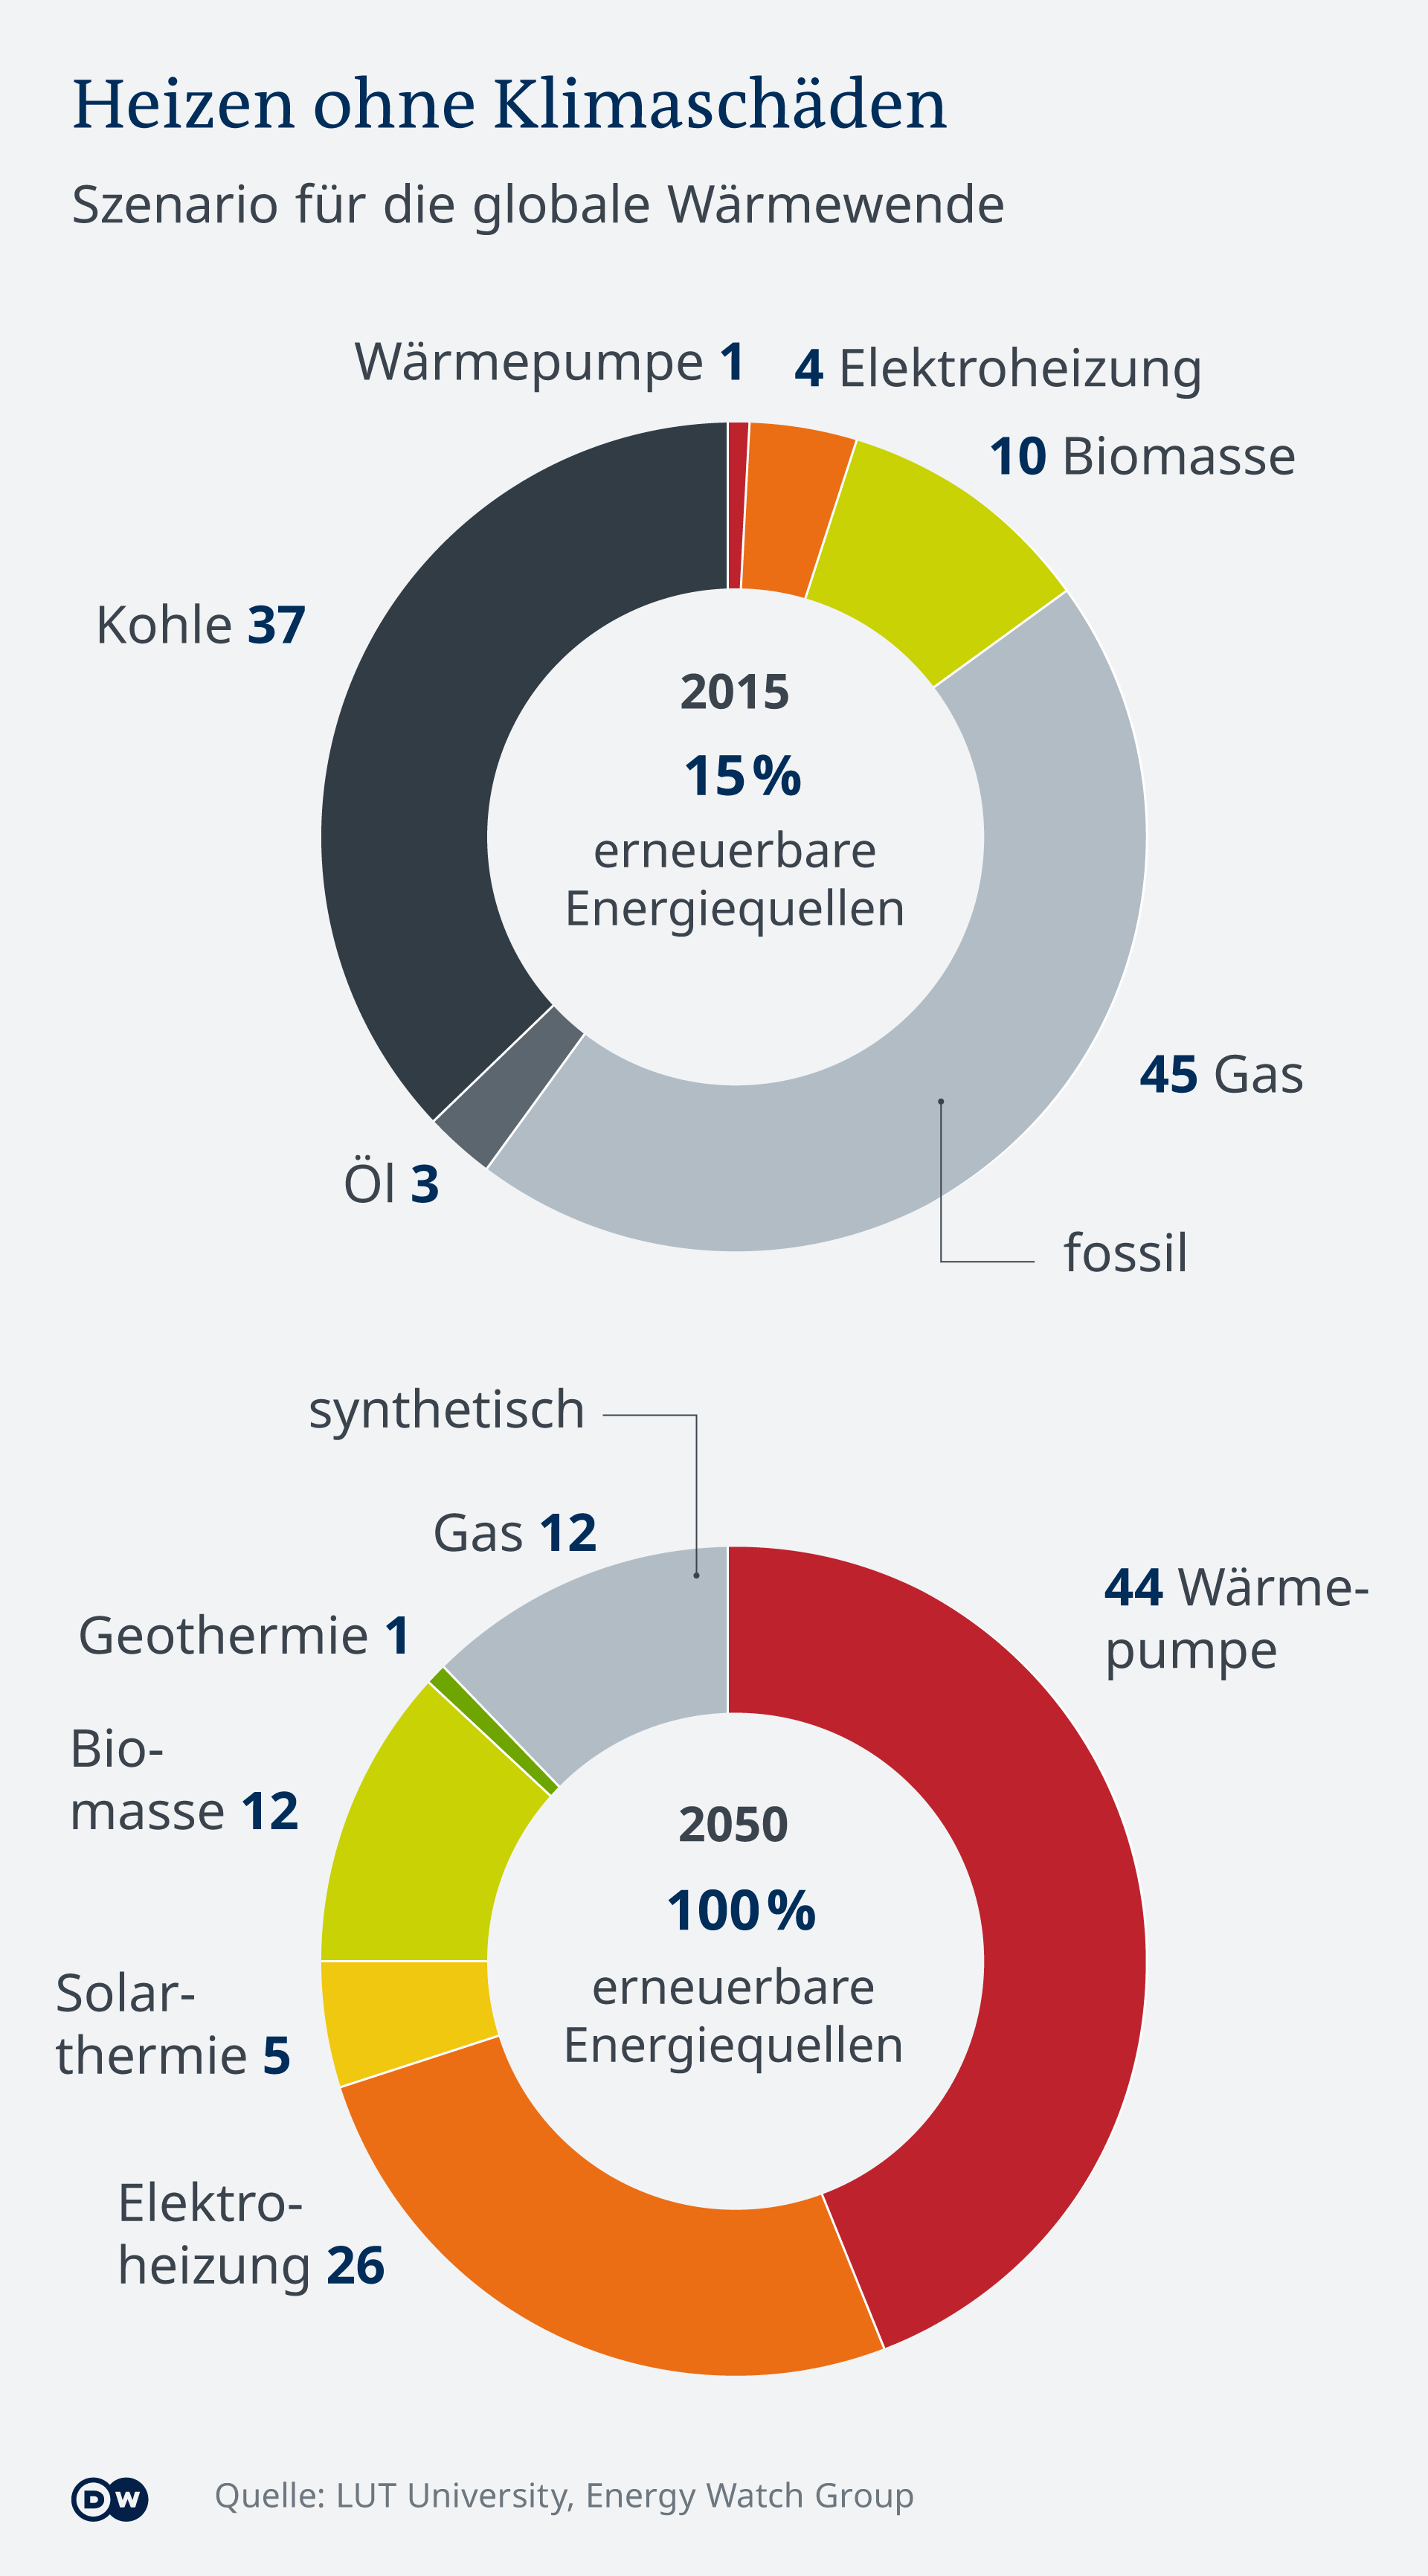 Infografik: Szenario für eine klimafreundliche Wärmeversorgung weltweit. Derzeit wird vor allem mit Gas, Kohle und Öl geheizt. Klimaneutral geht das vor allem mit Wärmepumpen, Elektroheizungen, Biomasse und Solarthermie. Mehr dazu: https://www.dw.com/de/wie-wird-die-welt-g%C3%BCnstig-klimaneutral/a-48009458